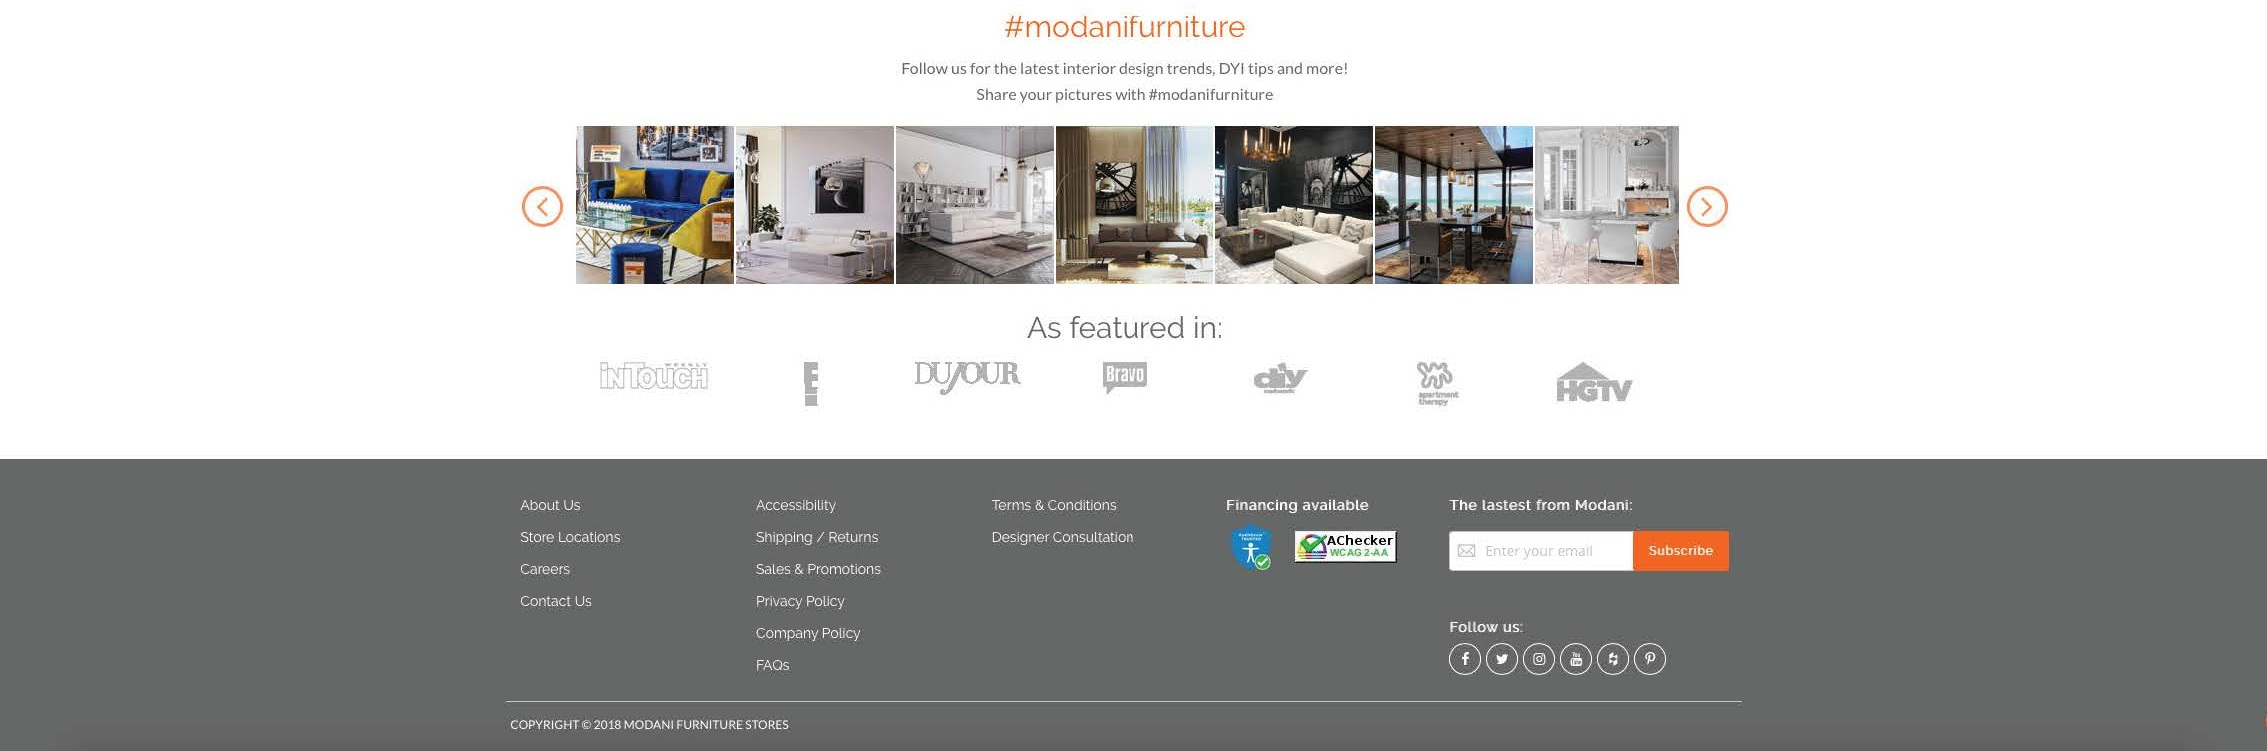 Modani+Landing+Page+Mockup_Page_3.jpg